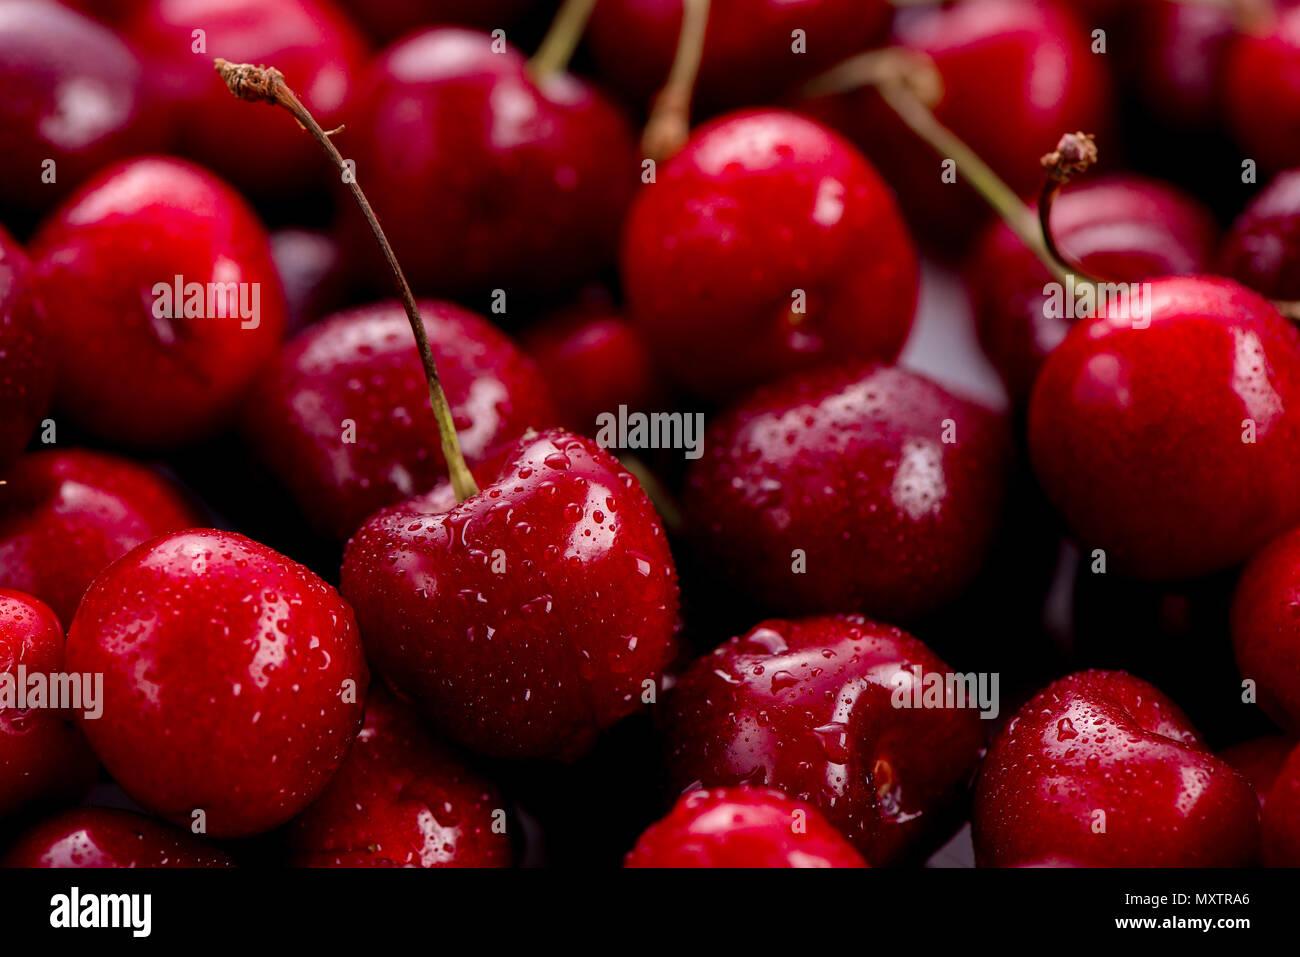 Cerezas con gotas de agua el cabezal. Las bayas de macro shot con espacio de copia Imagen De Stock